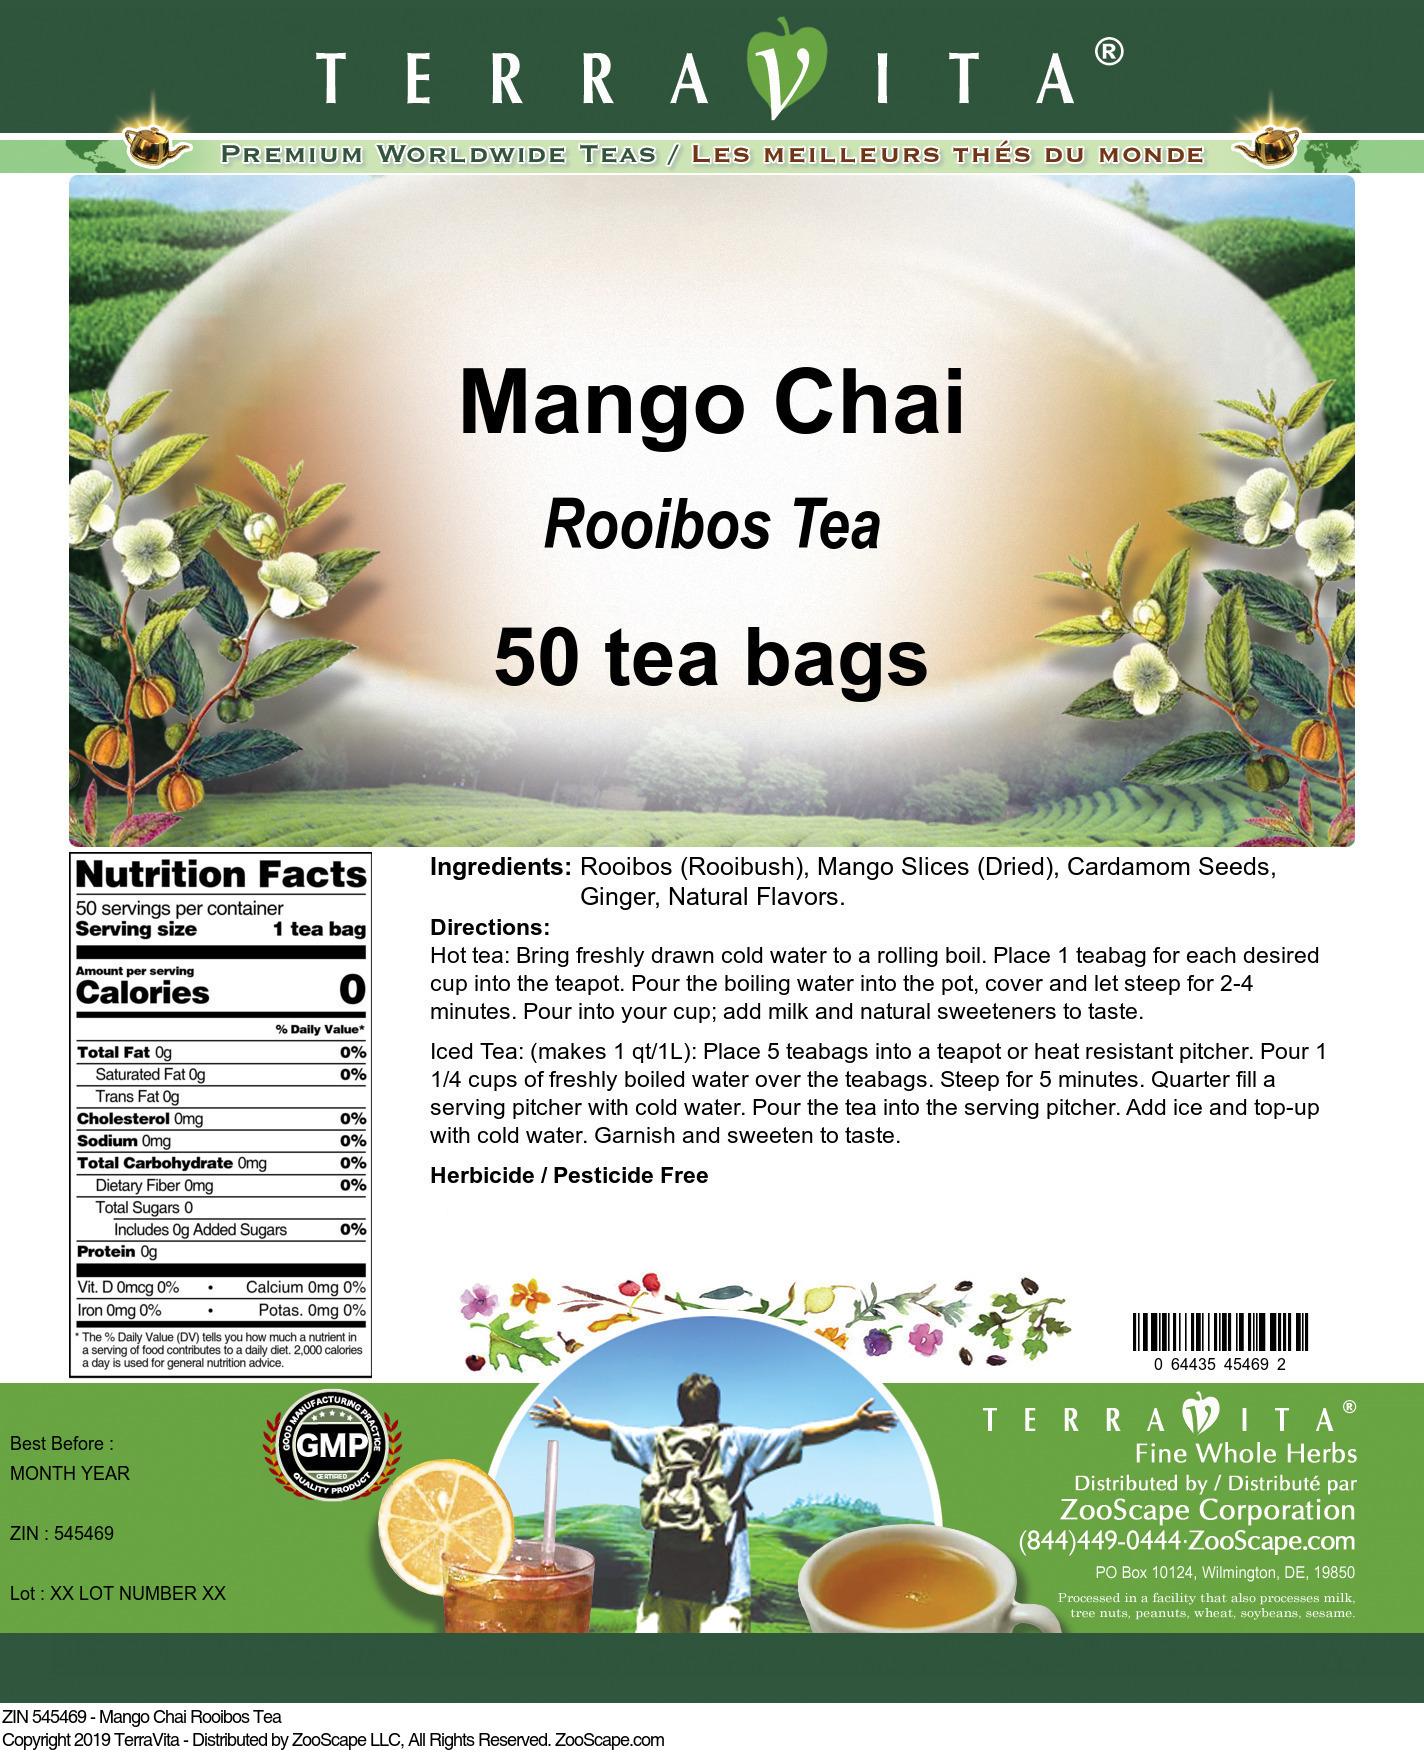 Mango Chai Rooibos Tea